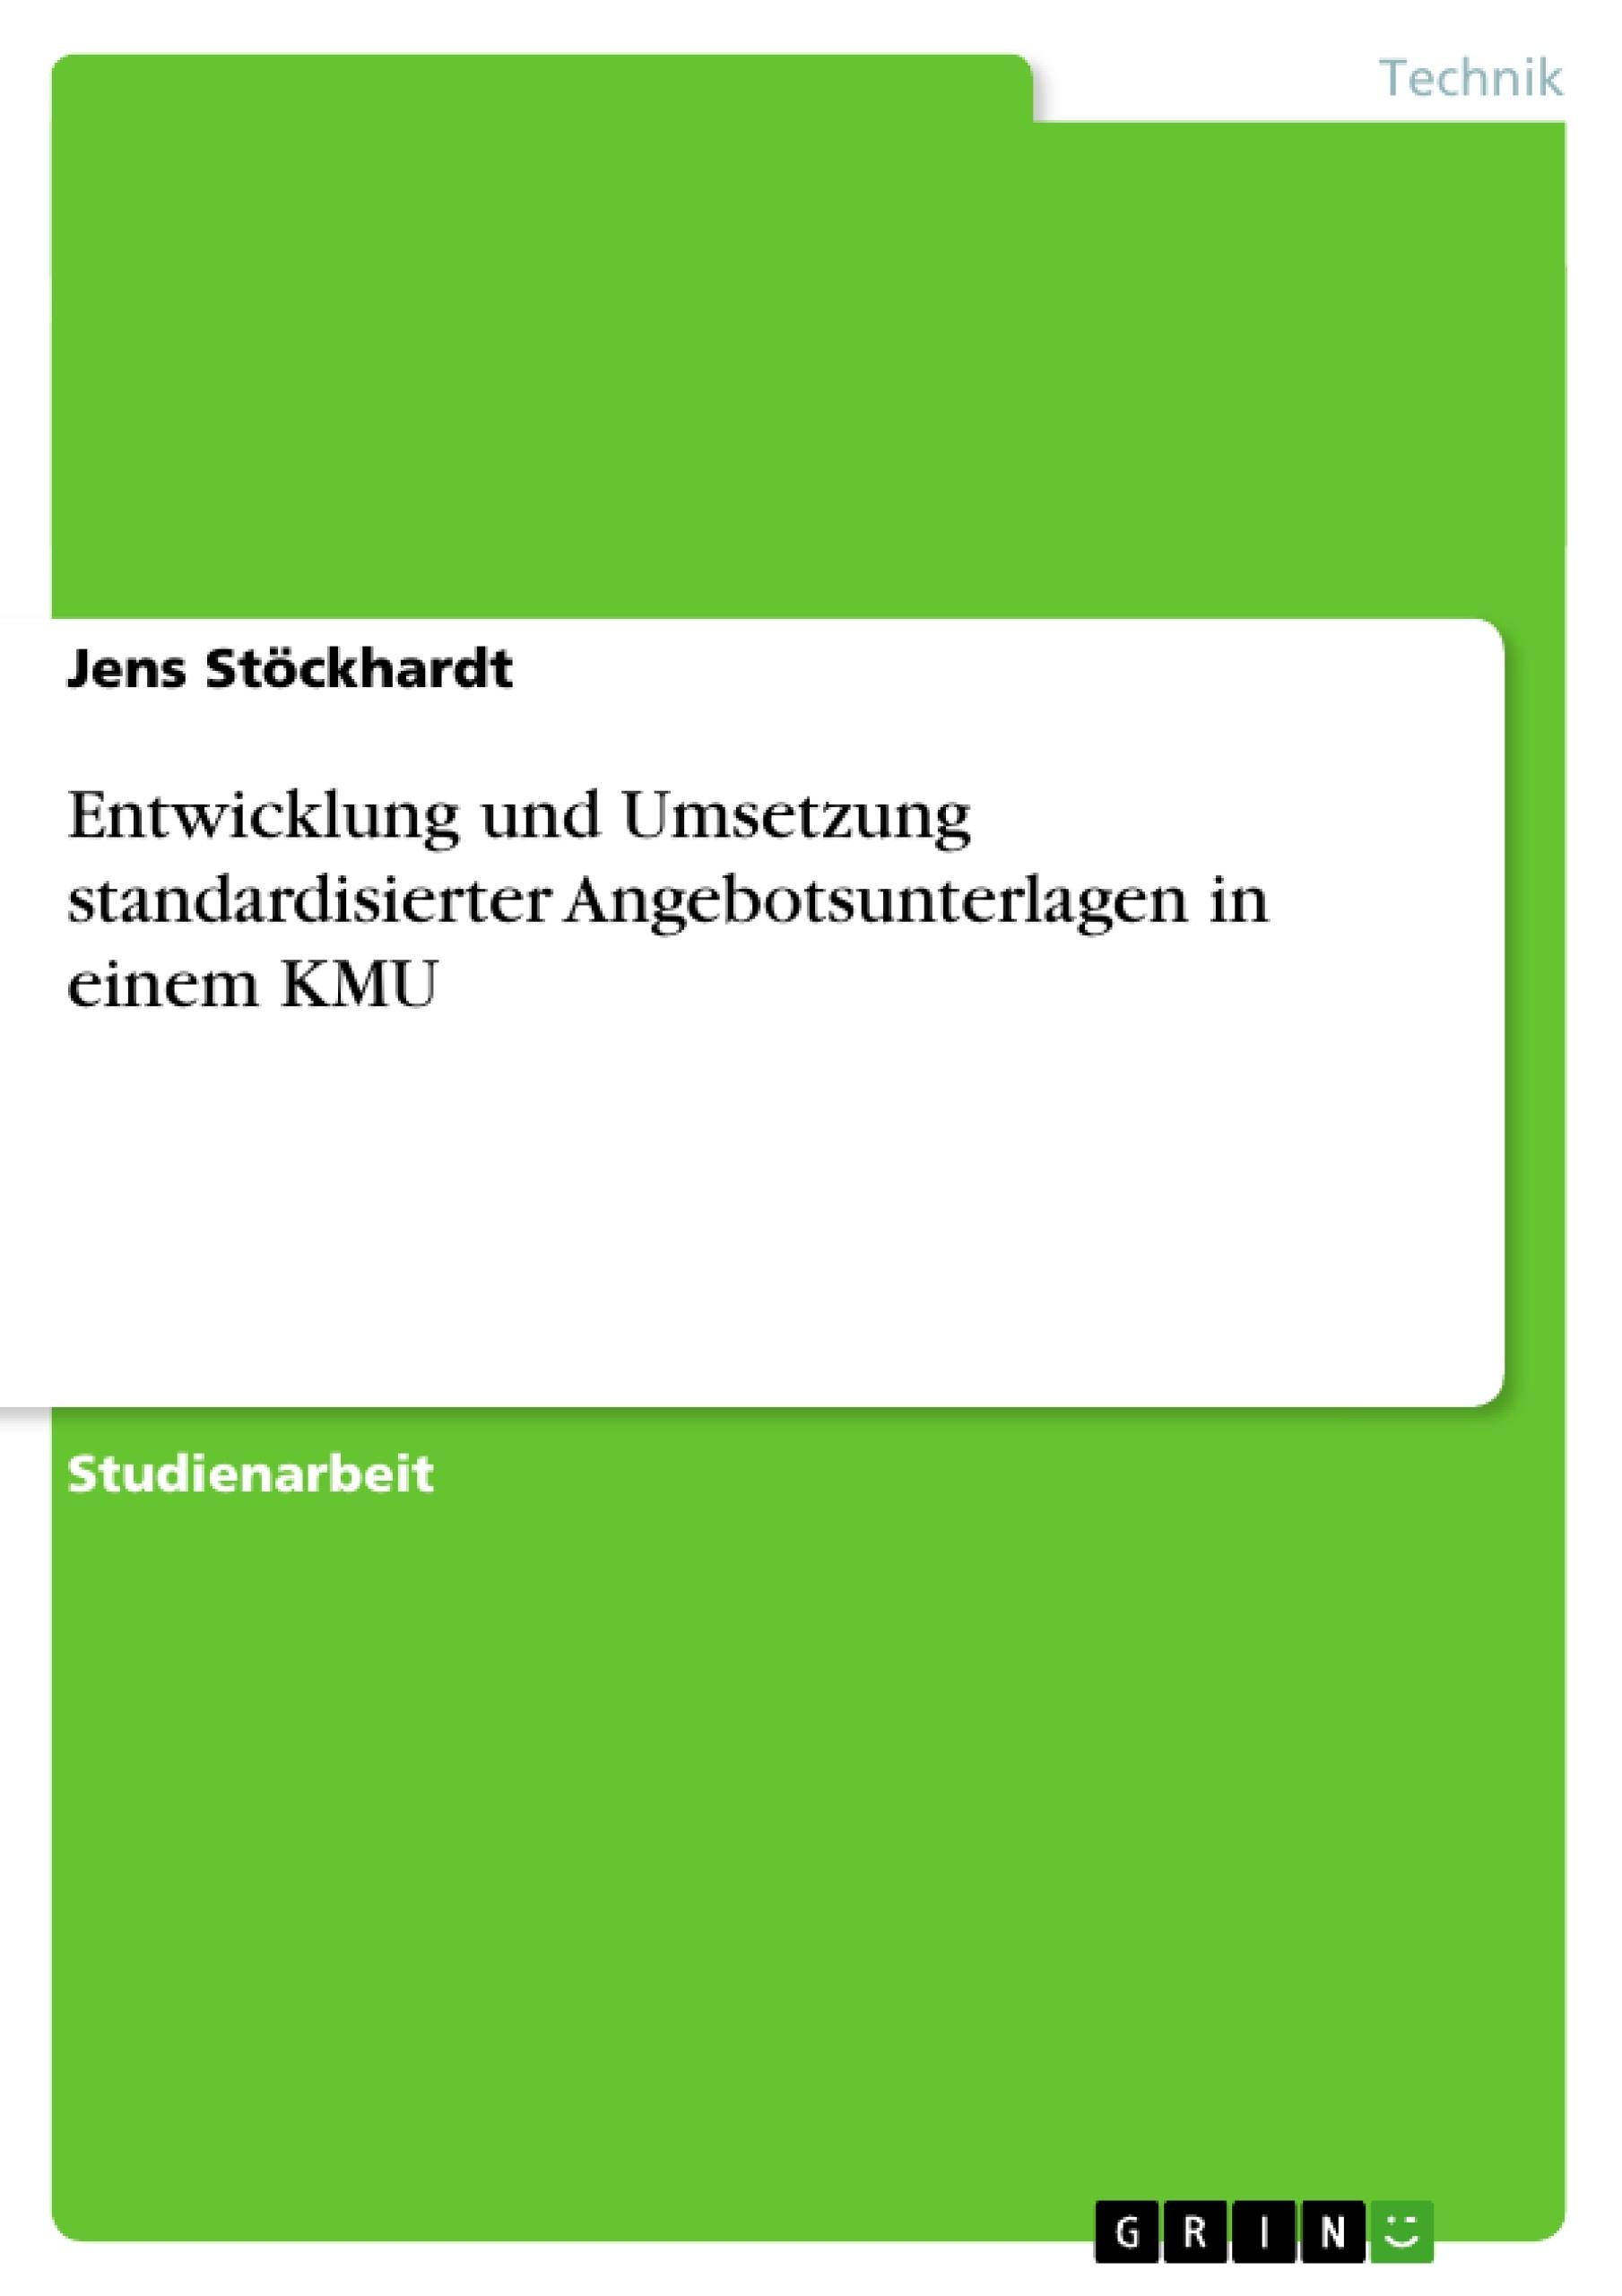 Titel: Entwicklung und Umsetzung standardisierter Angebotsunterlagen in einem KMU